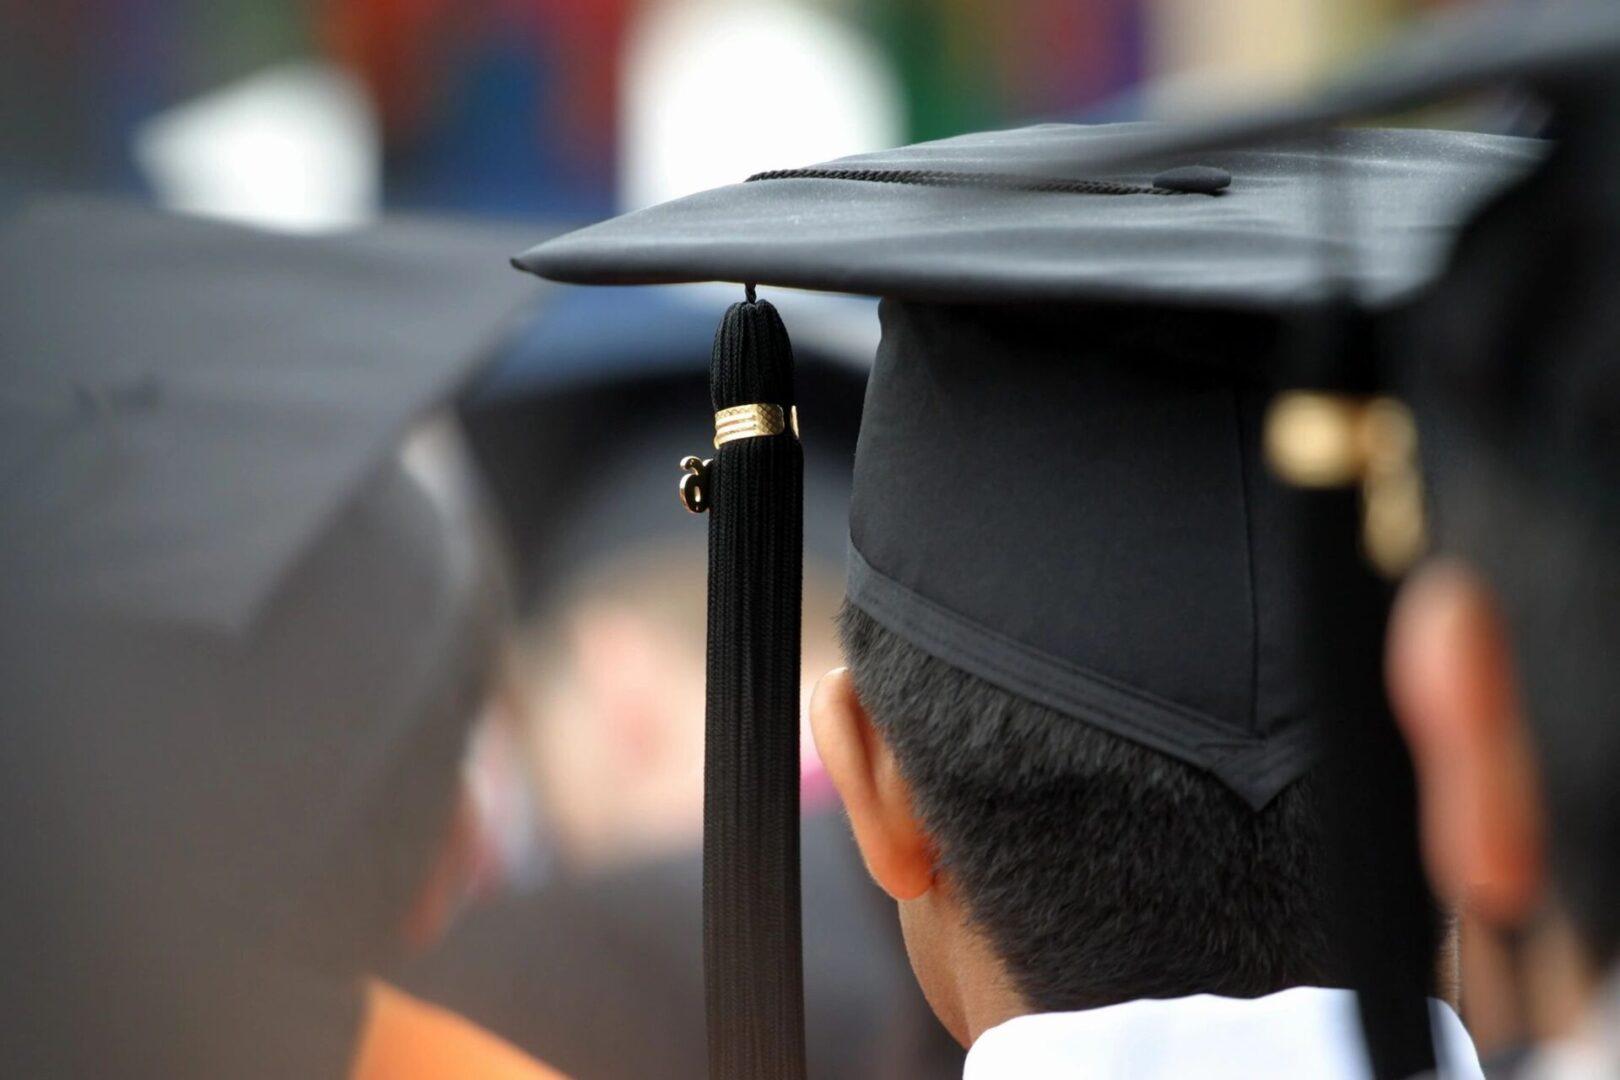 A person wearing a black graduation cap